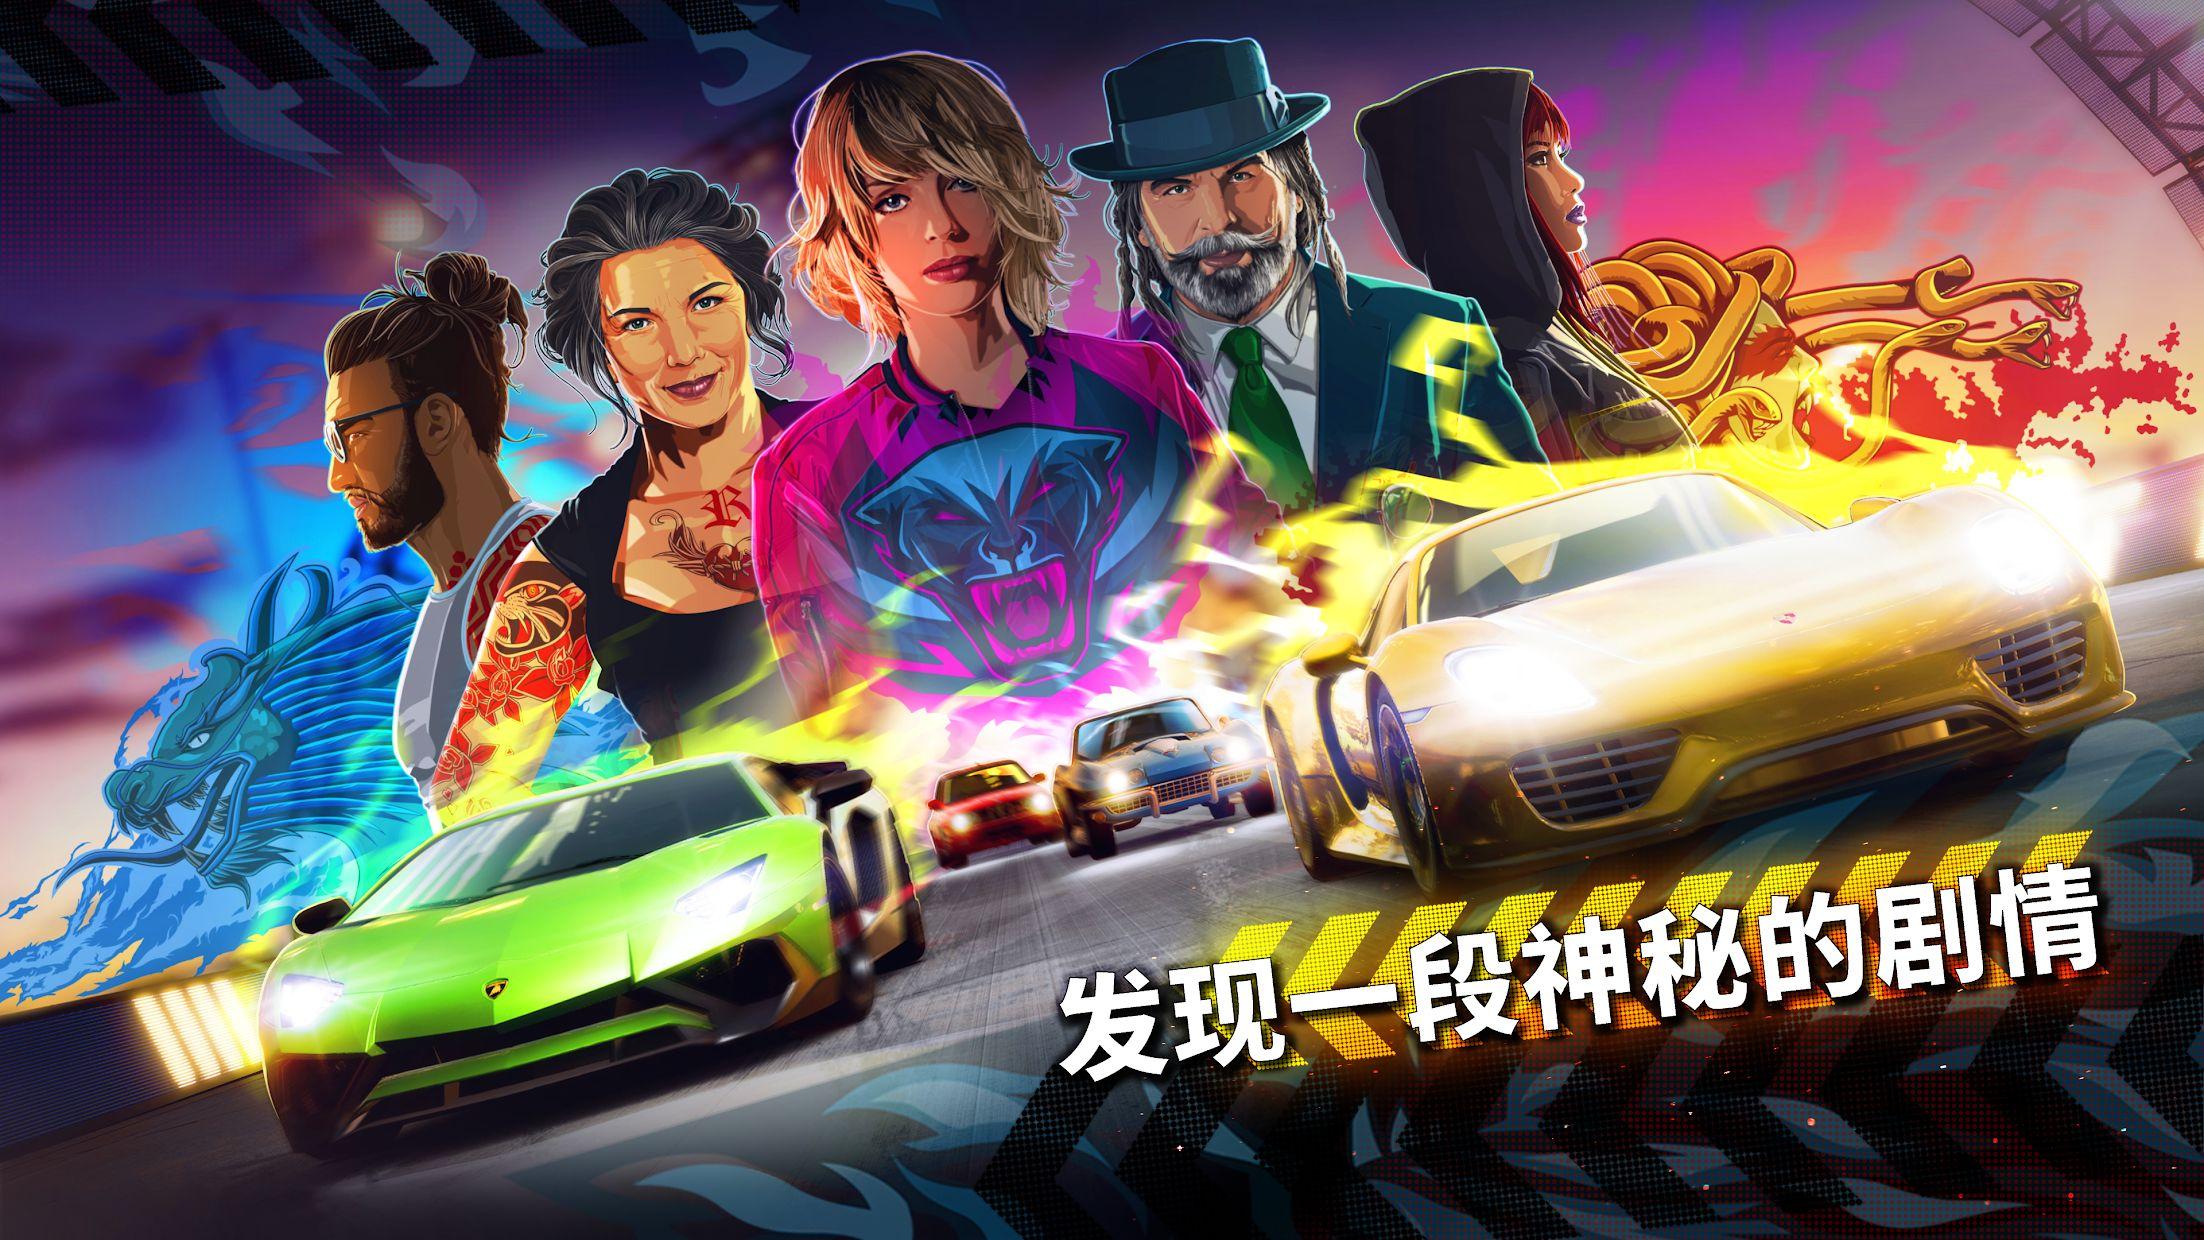 极限竞速:街头传奇(Forza Street) 游戏截图2